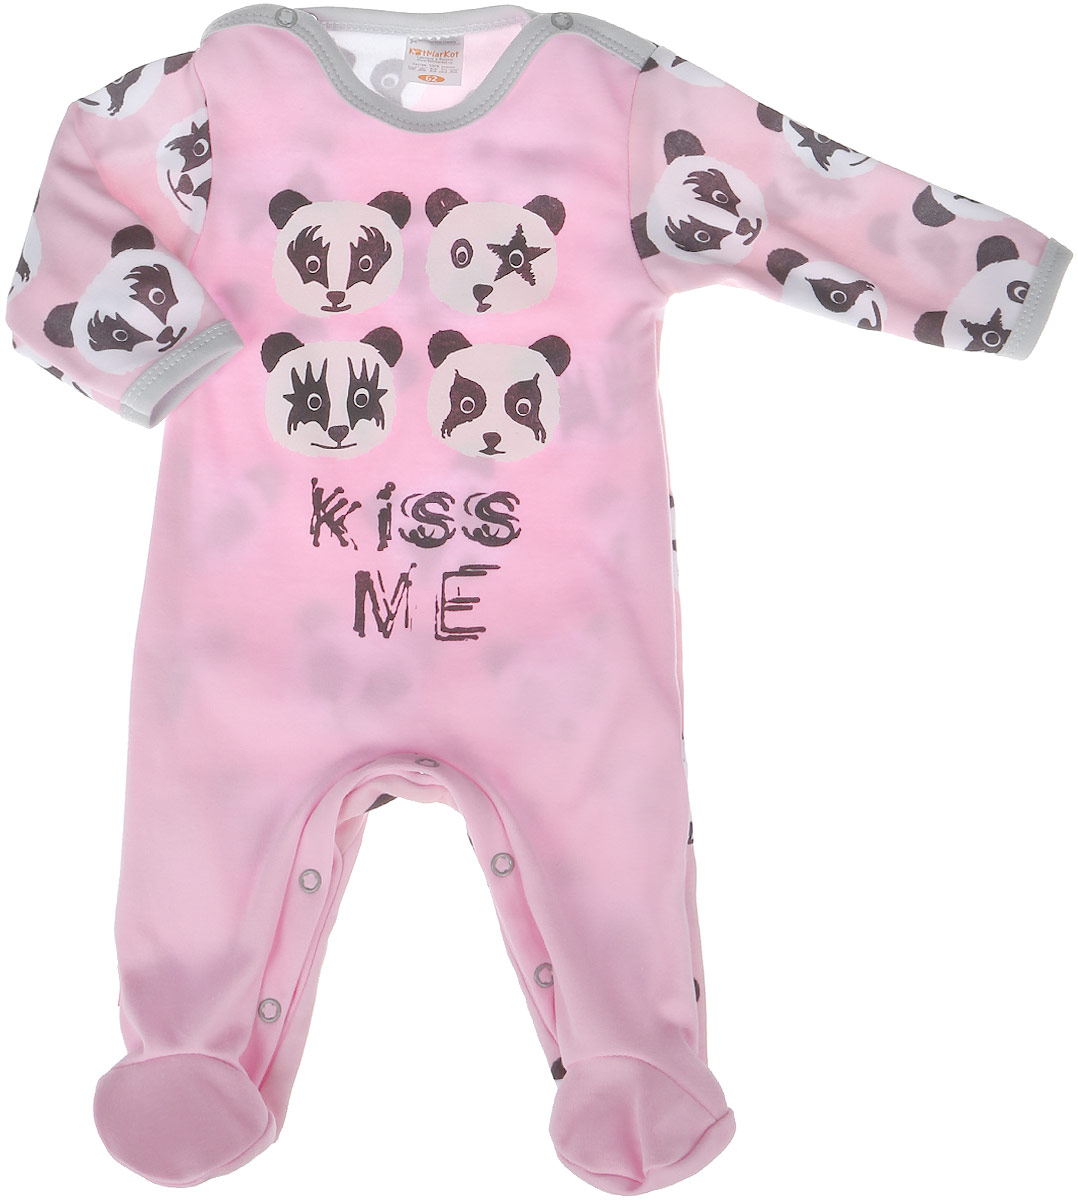 Комбинезон домашний для девочки КотМарКот, цвет: розовый. 6122. Размер 866122Комбинезон домашний для девочки КотМарКот выполнен из качественного материала. Модель с длинными рукавами застегивается на кнопки.